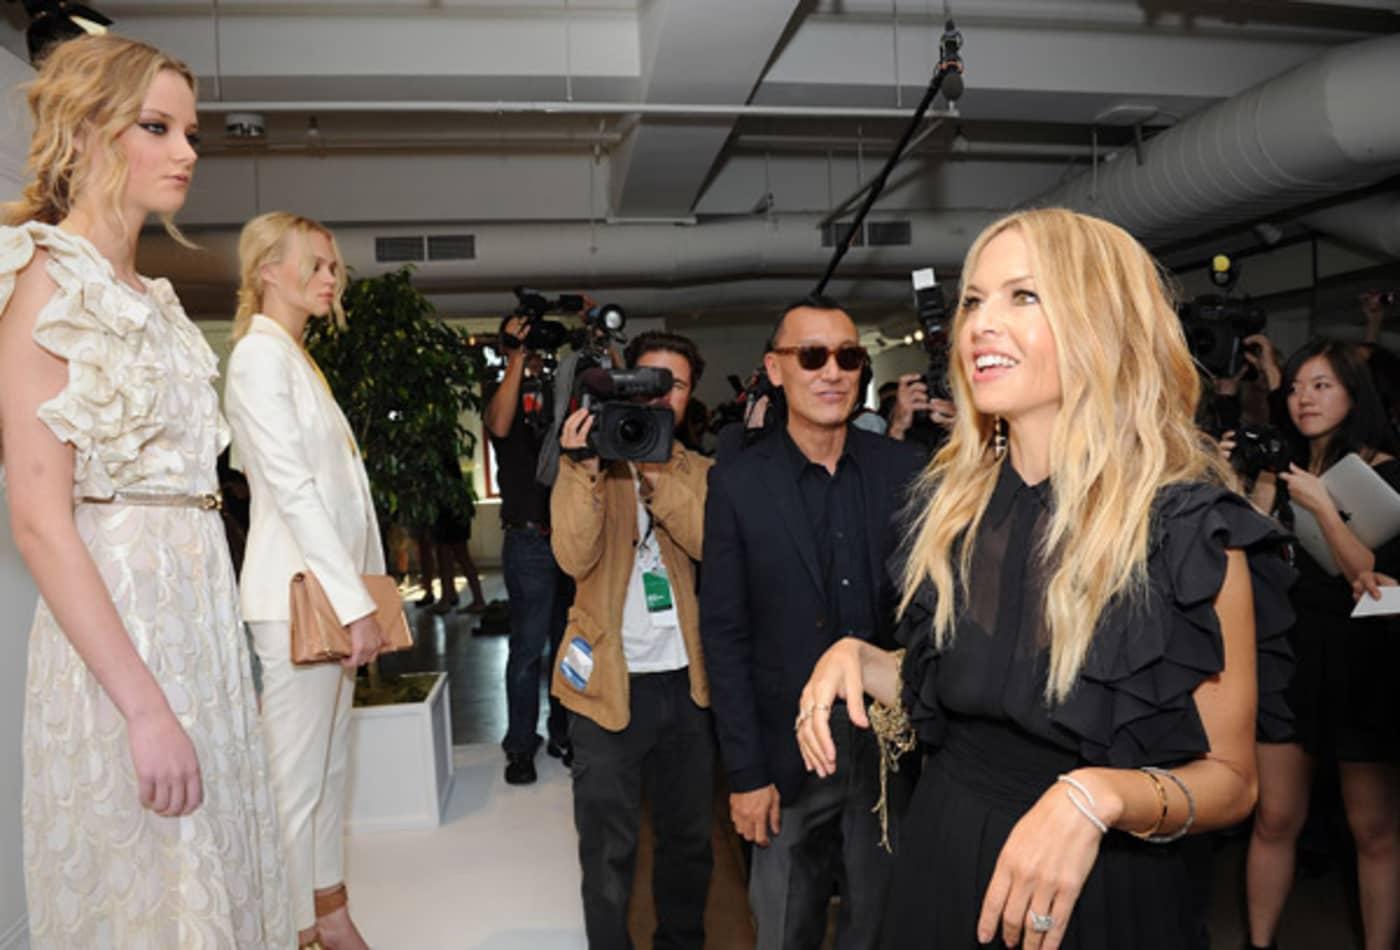 CNBC_NYC_fashion_week_2011_horiz12.jpg